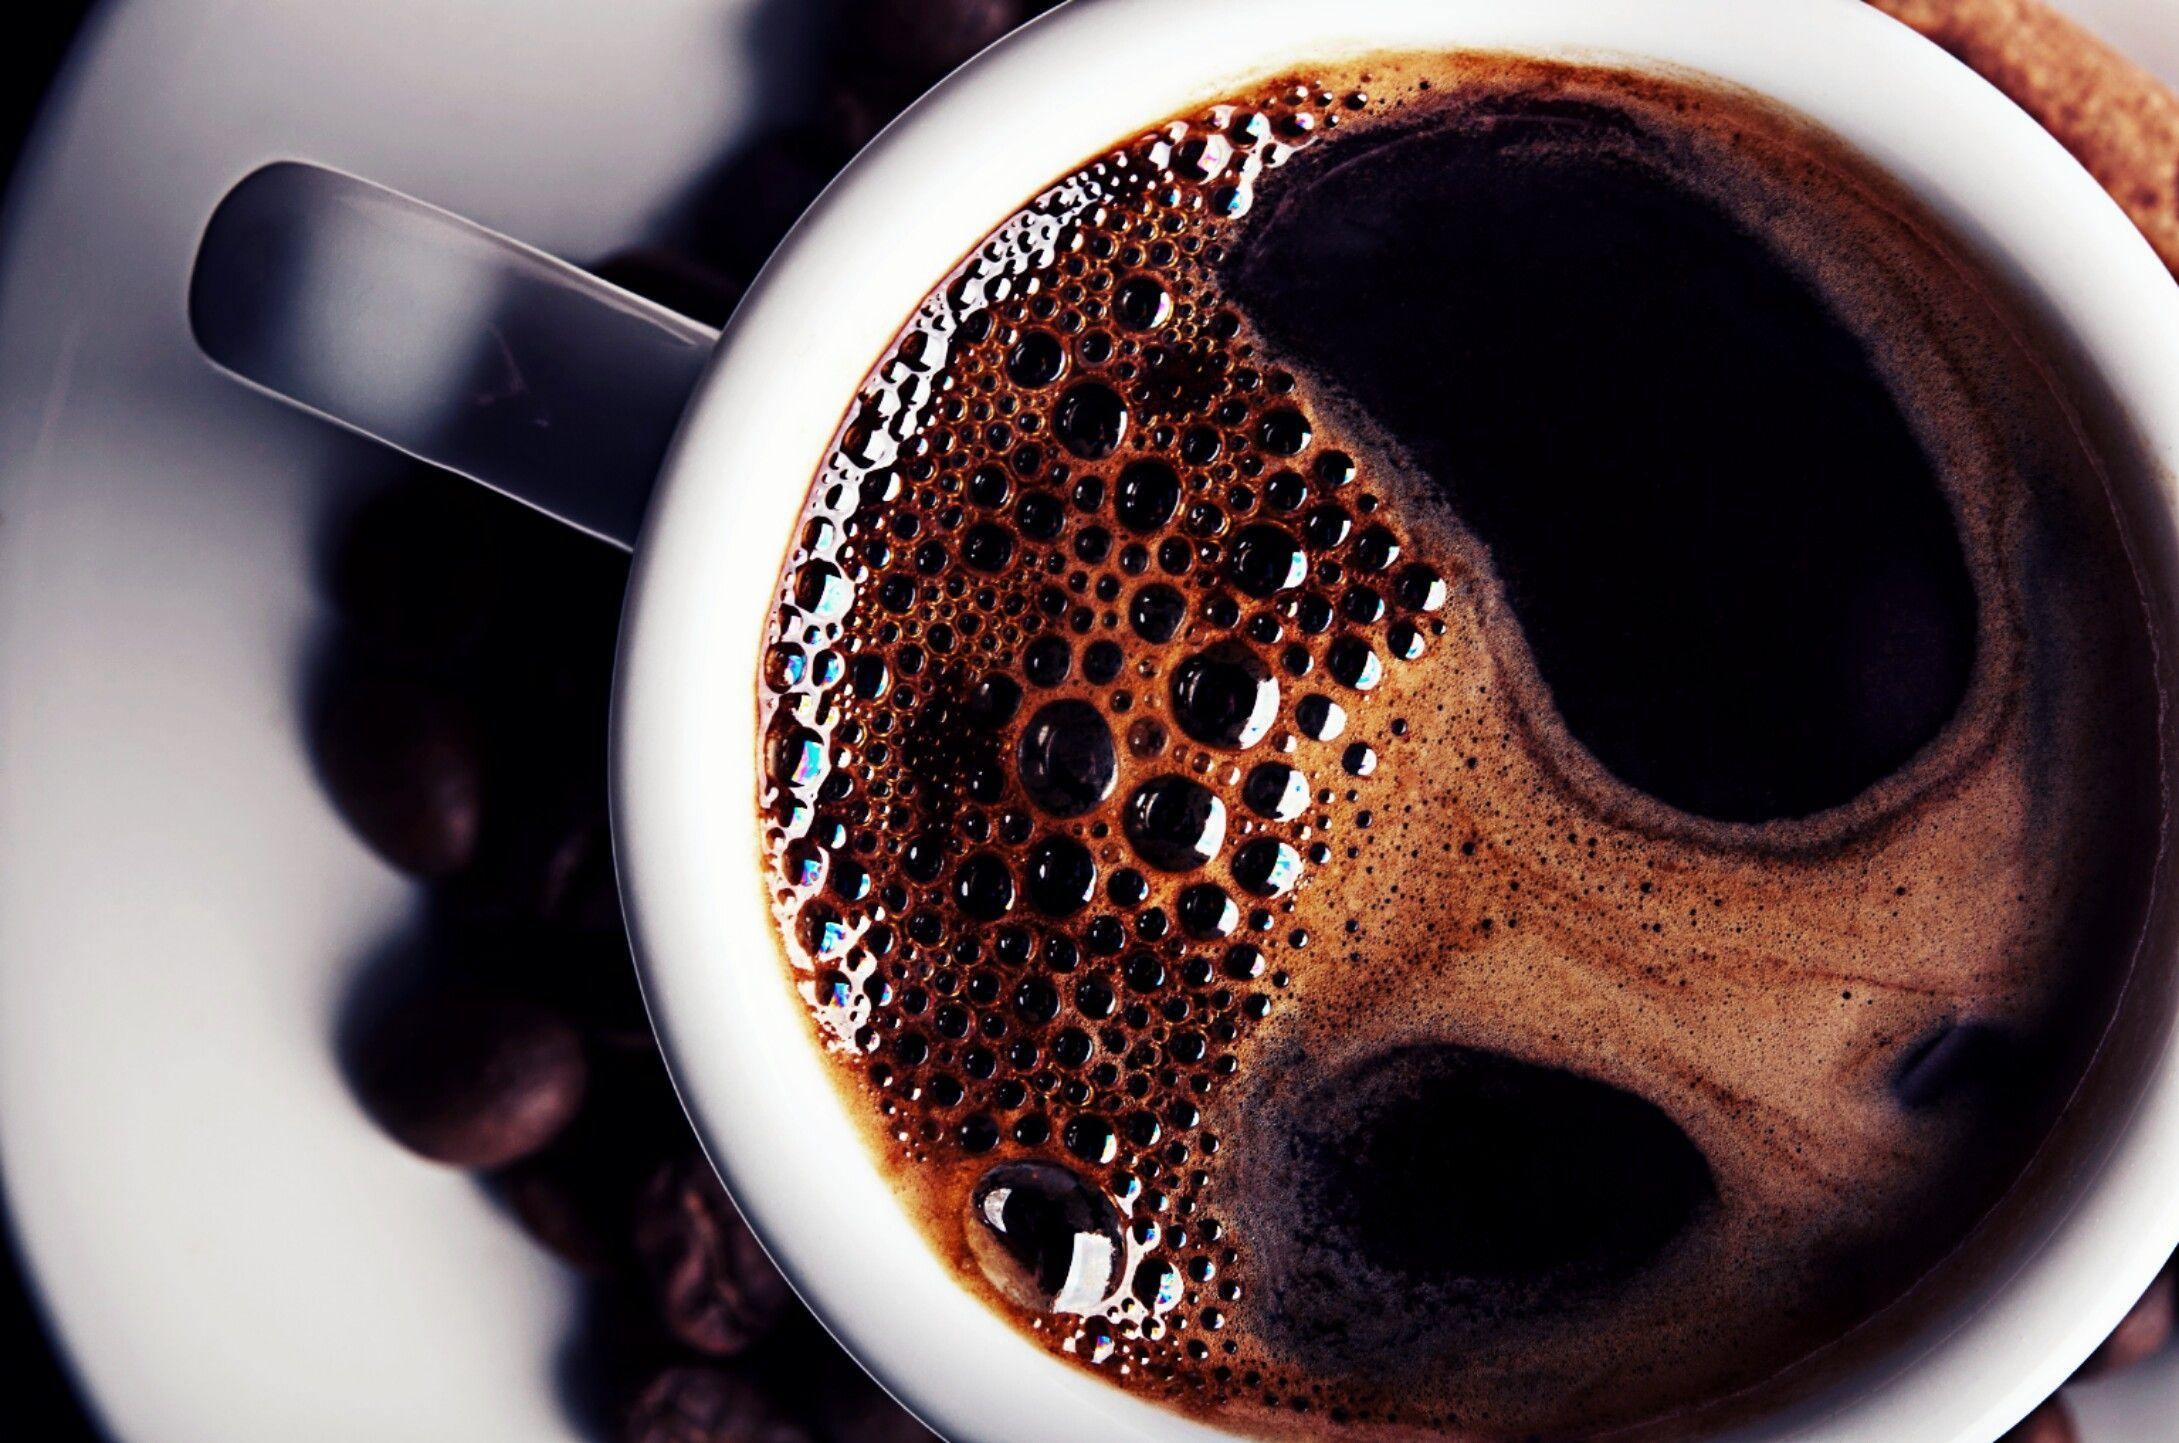 mg maximos de cafeina al dia